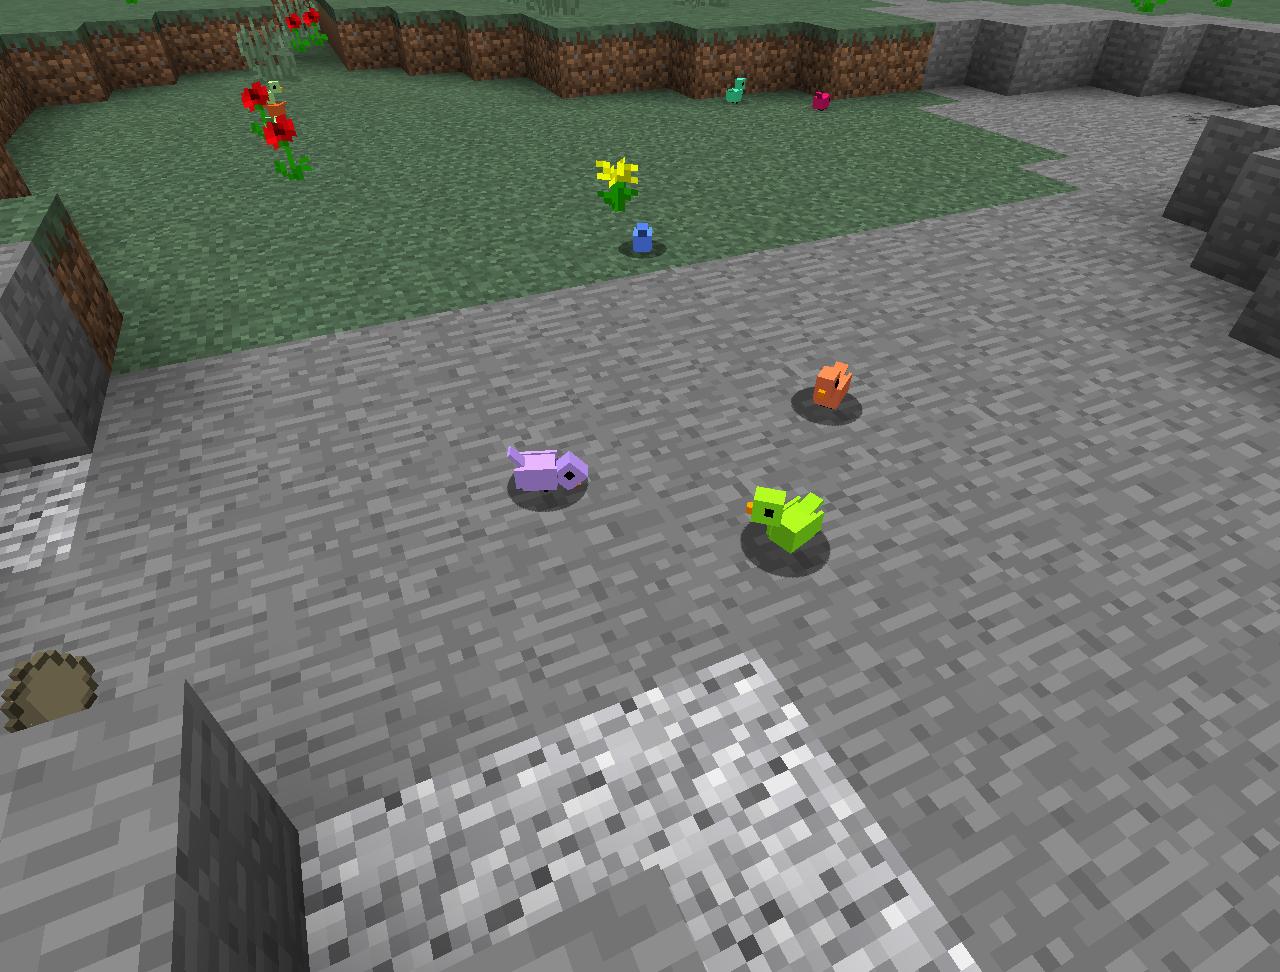 e745adba00f47e5062ea0cccb48d7b41 - How To Get The Clay Soldiers Mod In Minecraft